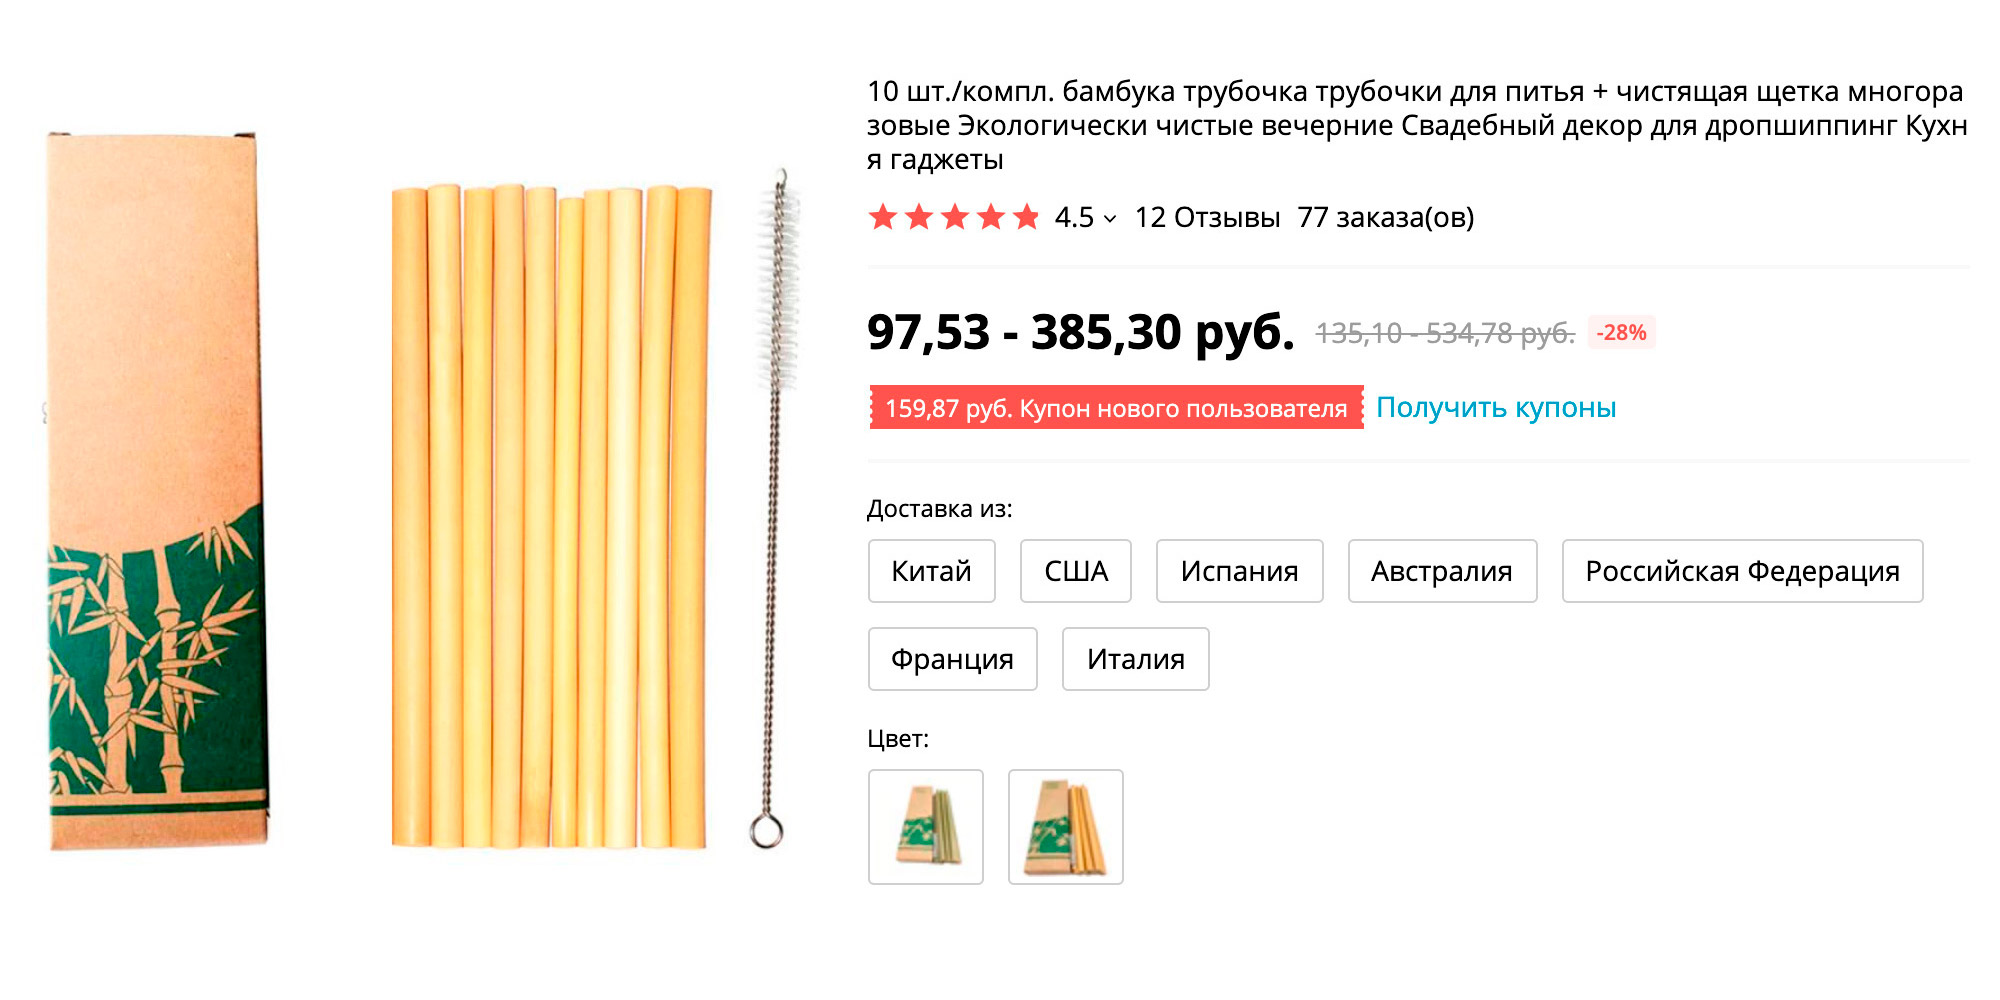 На «Алиэкспрессе» аналогичные трубочки с ершиком продаются намного дешевле. Но вопрос, насколько они вообще нужны